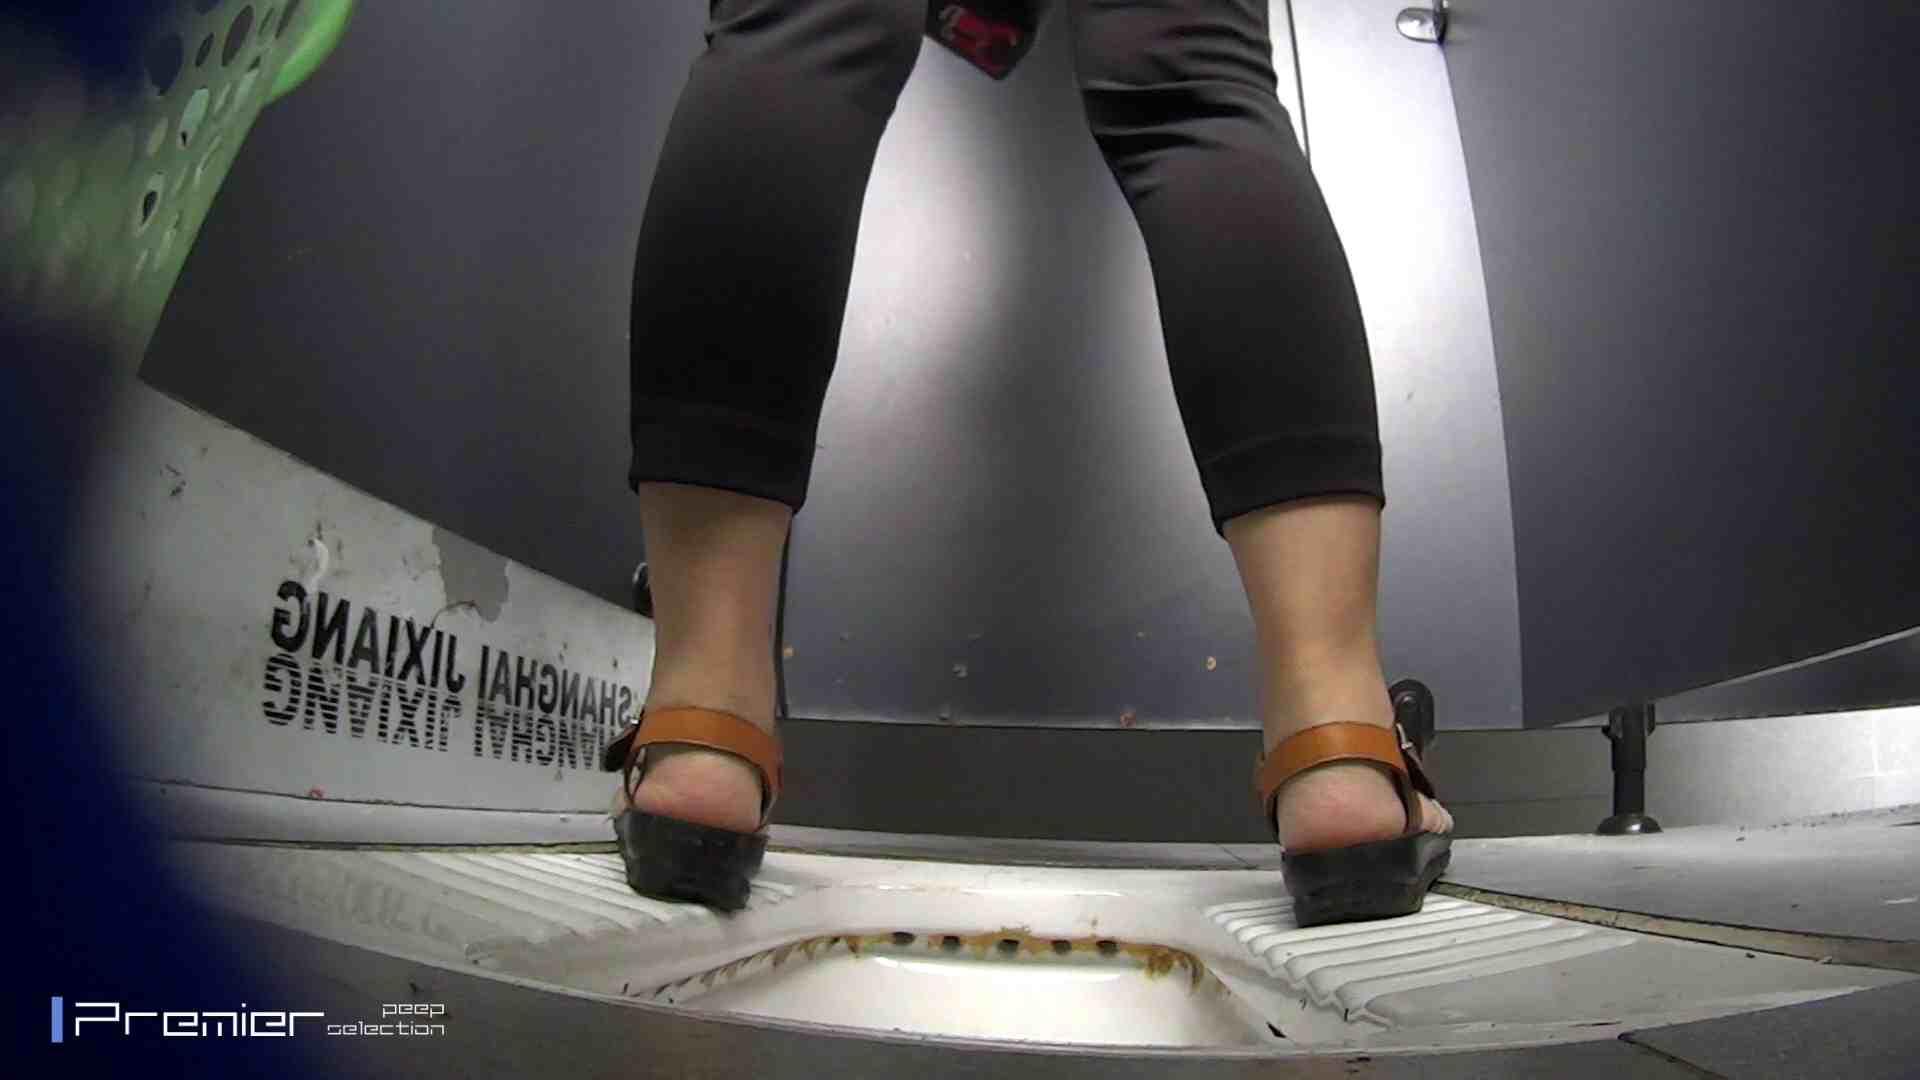 夏全開!ハーフパンツのギャル達 大学休憩時間の洗面所事情44 お姉さん 盗み撮り動画 60連発 23